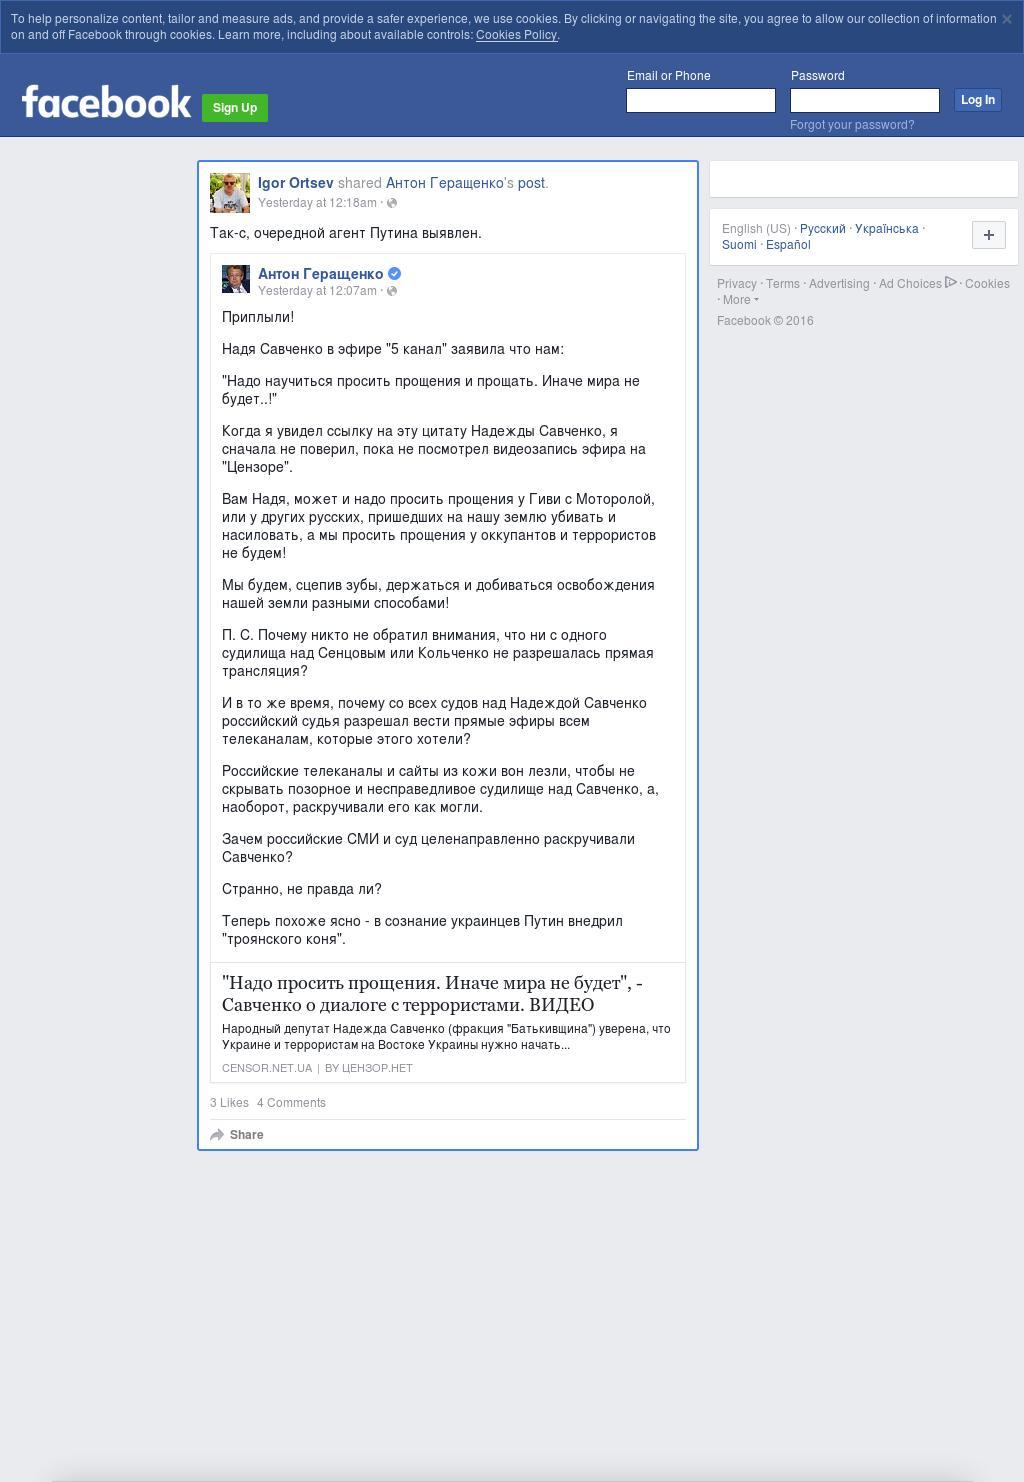 Надія Савченко про вміння вибачати та просити вибачення.Надежда Савченко про умение прощать и просить прощение